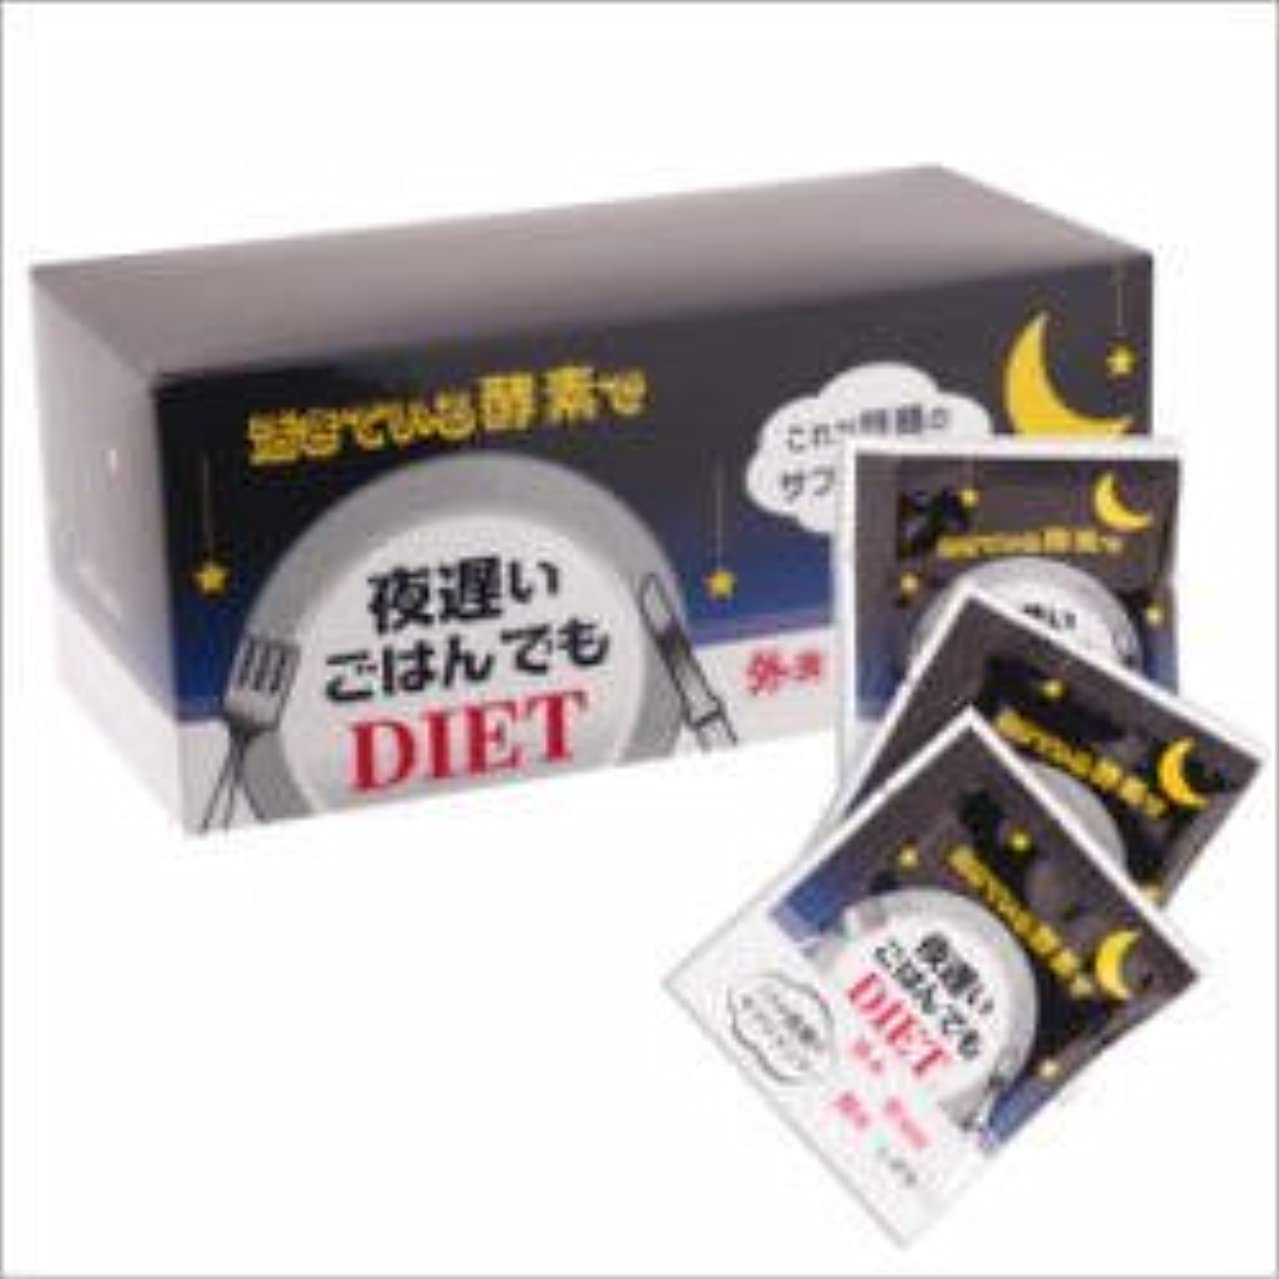 悪魔トピック乳剤新谷酵素 夜遅いごはんでも 30包 【2箱セット+1WEEK1袋セット】